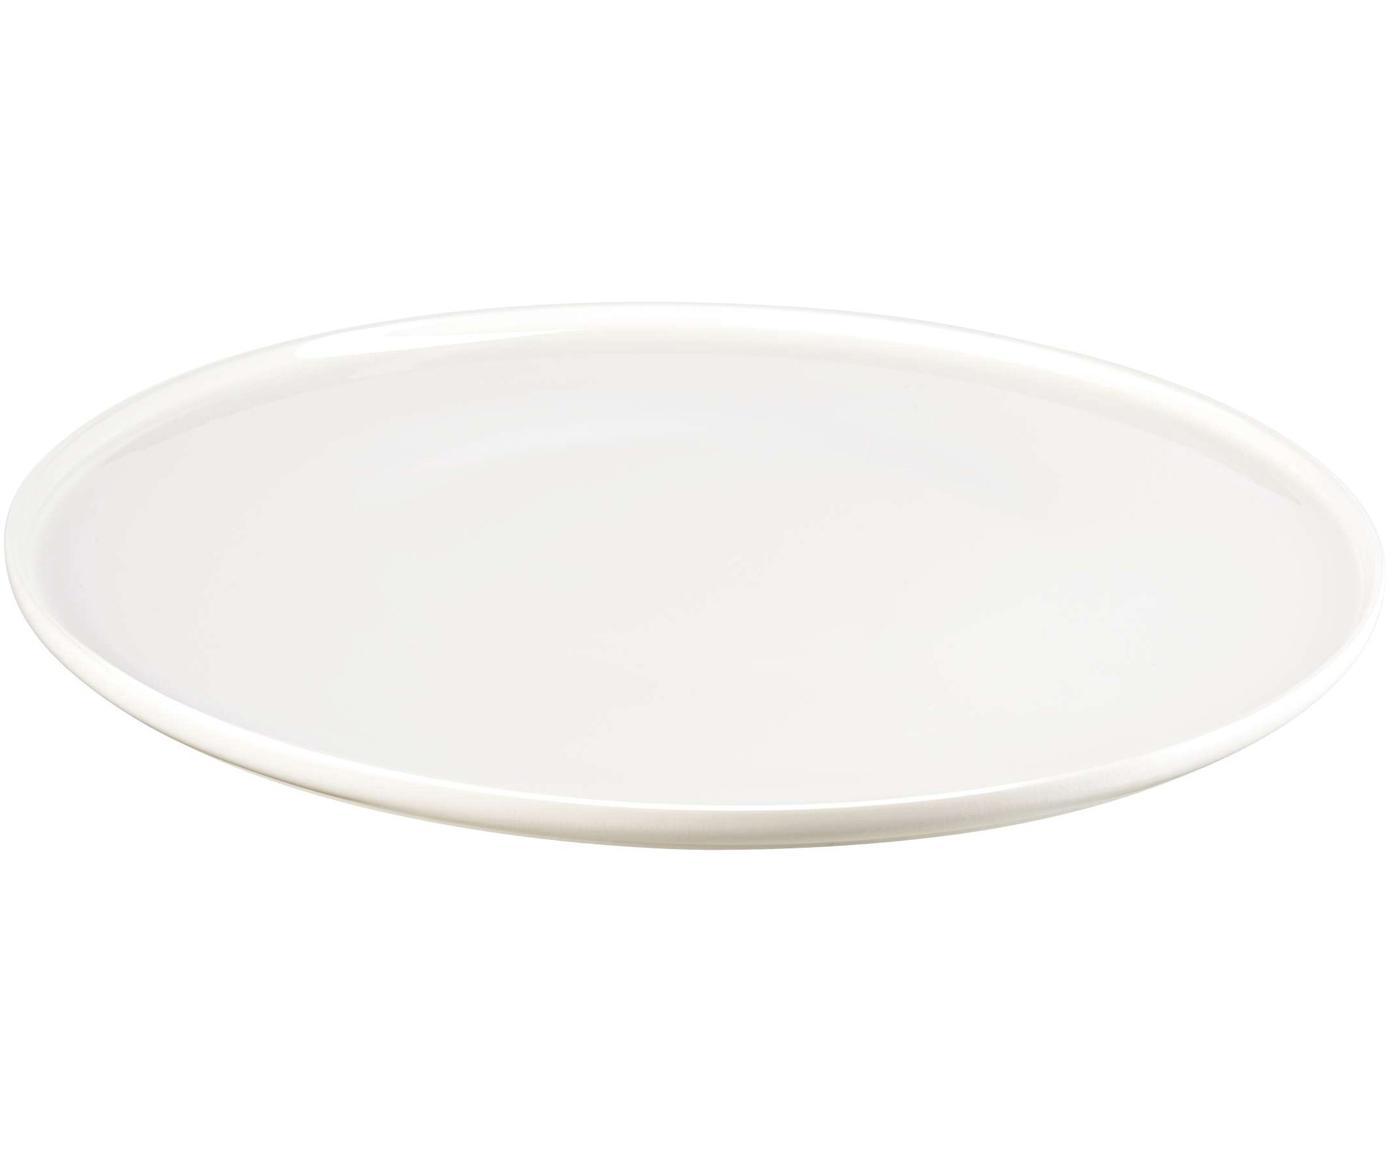 Speiseteller Oco, 6 Stück, Fine Bone China, Elfenbein, Ø 27 cm